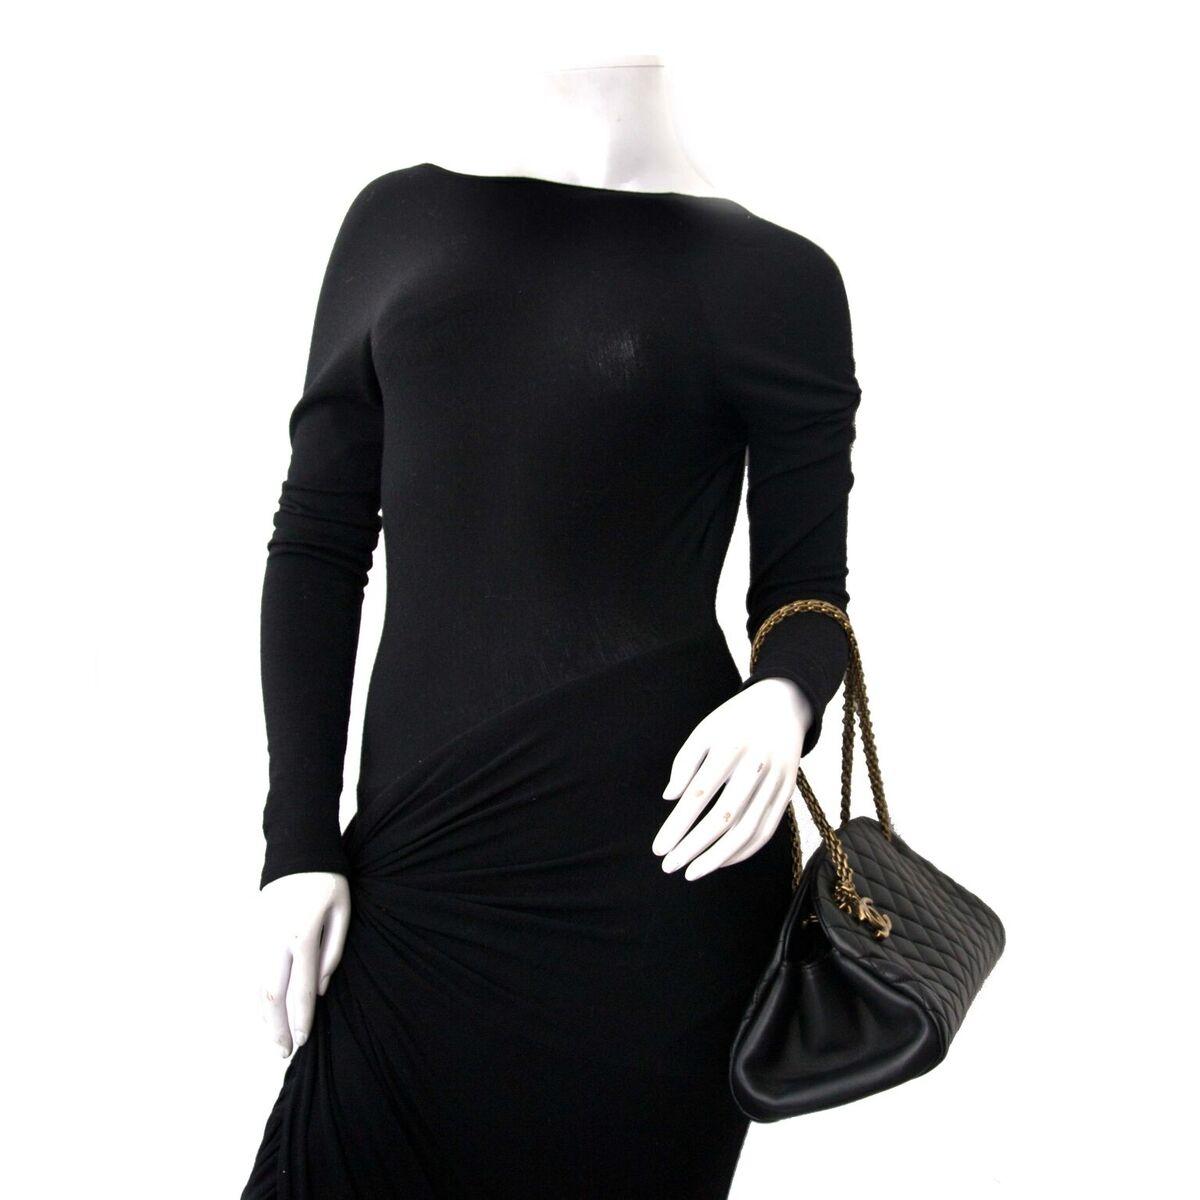 Koop authentieke tweedehands Chanel zwarte just mademoiselle aan een eerlijke prijs bij LabelLOV. Veilig online shoppen.